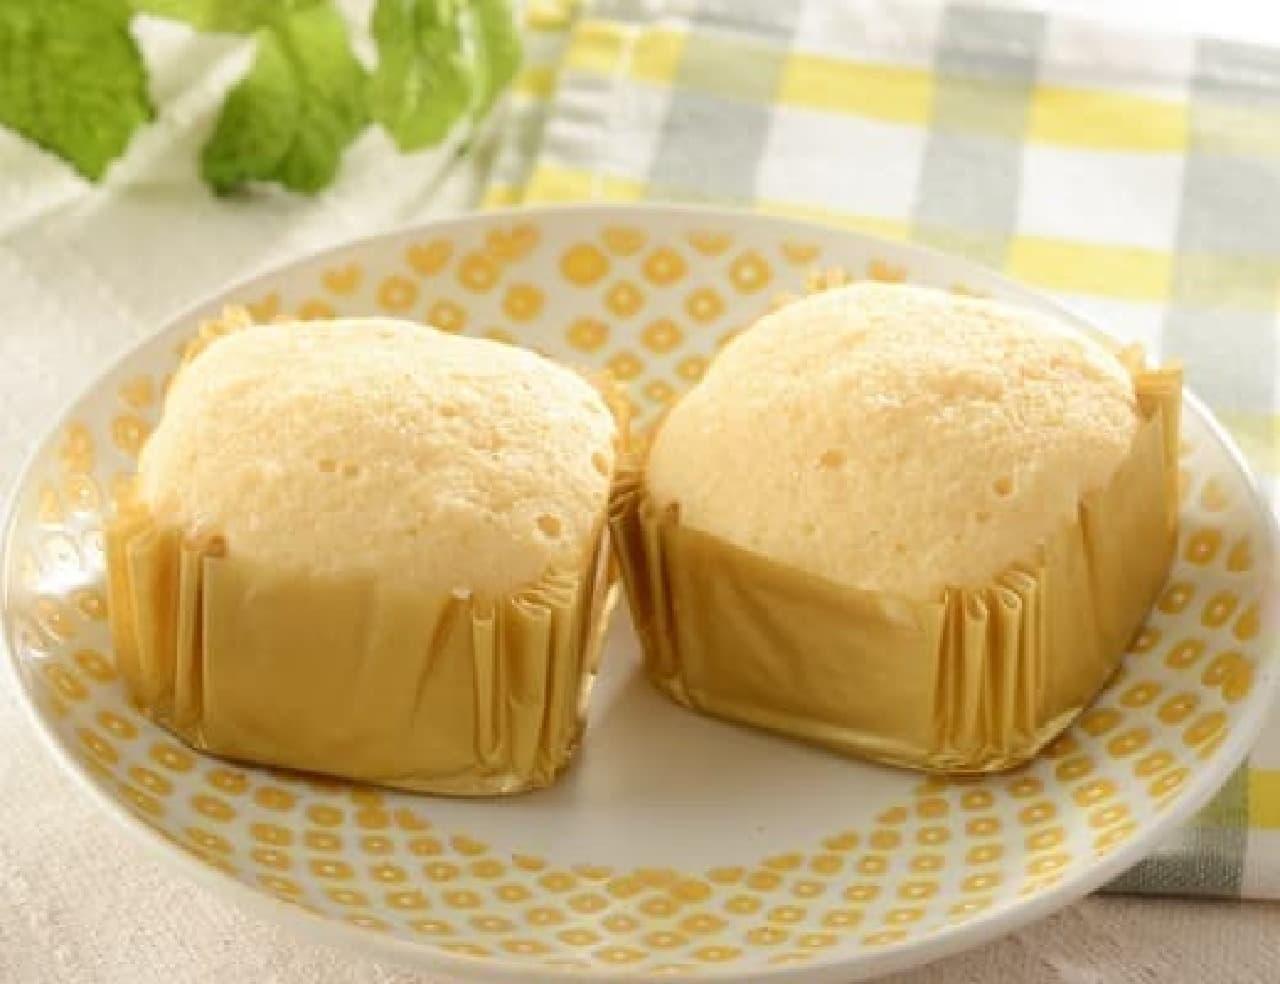 ローソン「NL プロテイン入りチーズ蒸しケーキ2個入」